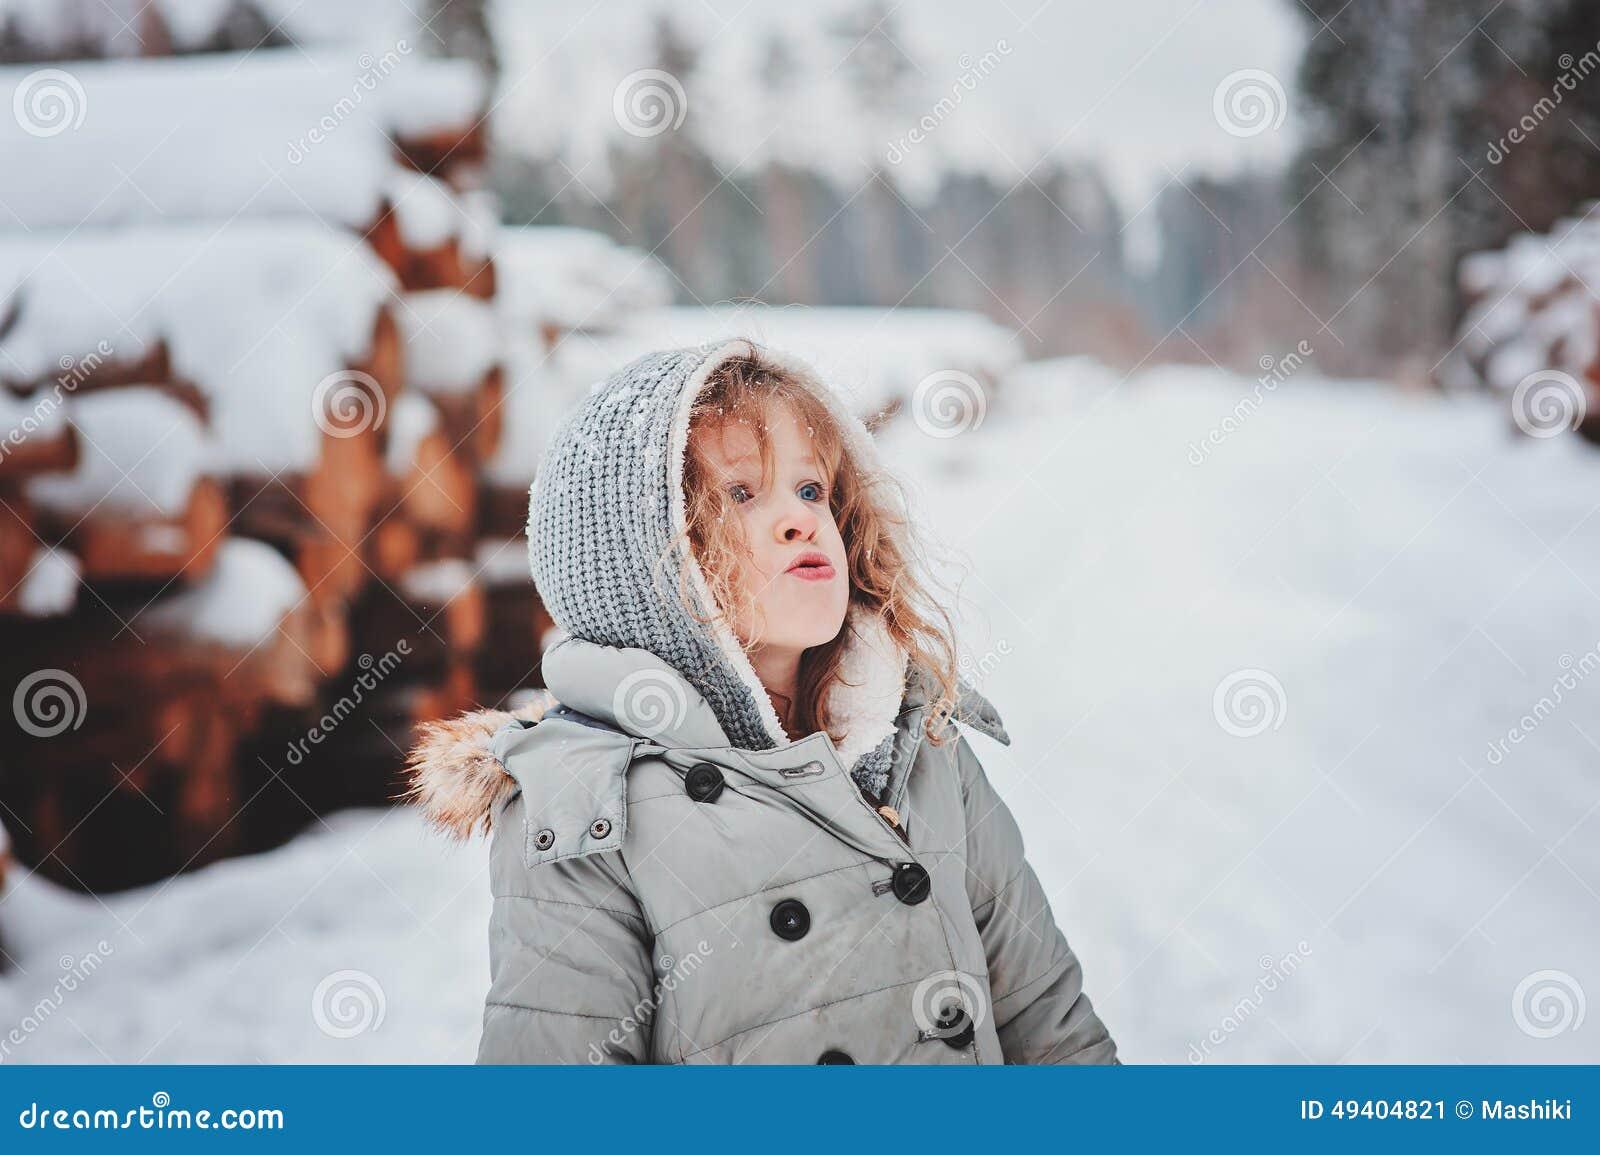 Download Nettes Gelocktes Kindermädchenporträt Auf Dem Weg Im Wald Des Verschneiten Winters Stockbild - Bild von spaß, kindheit: 49404821